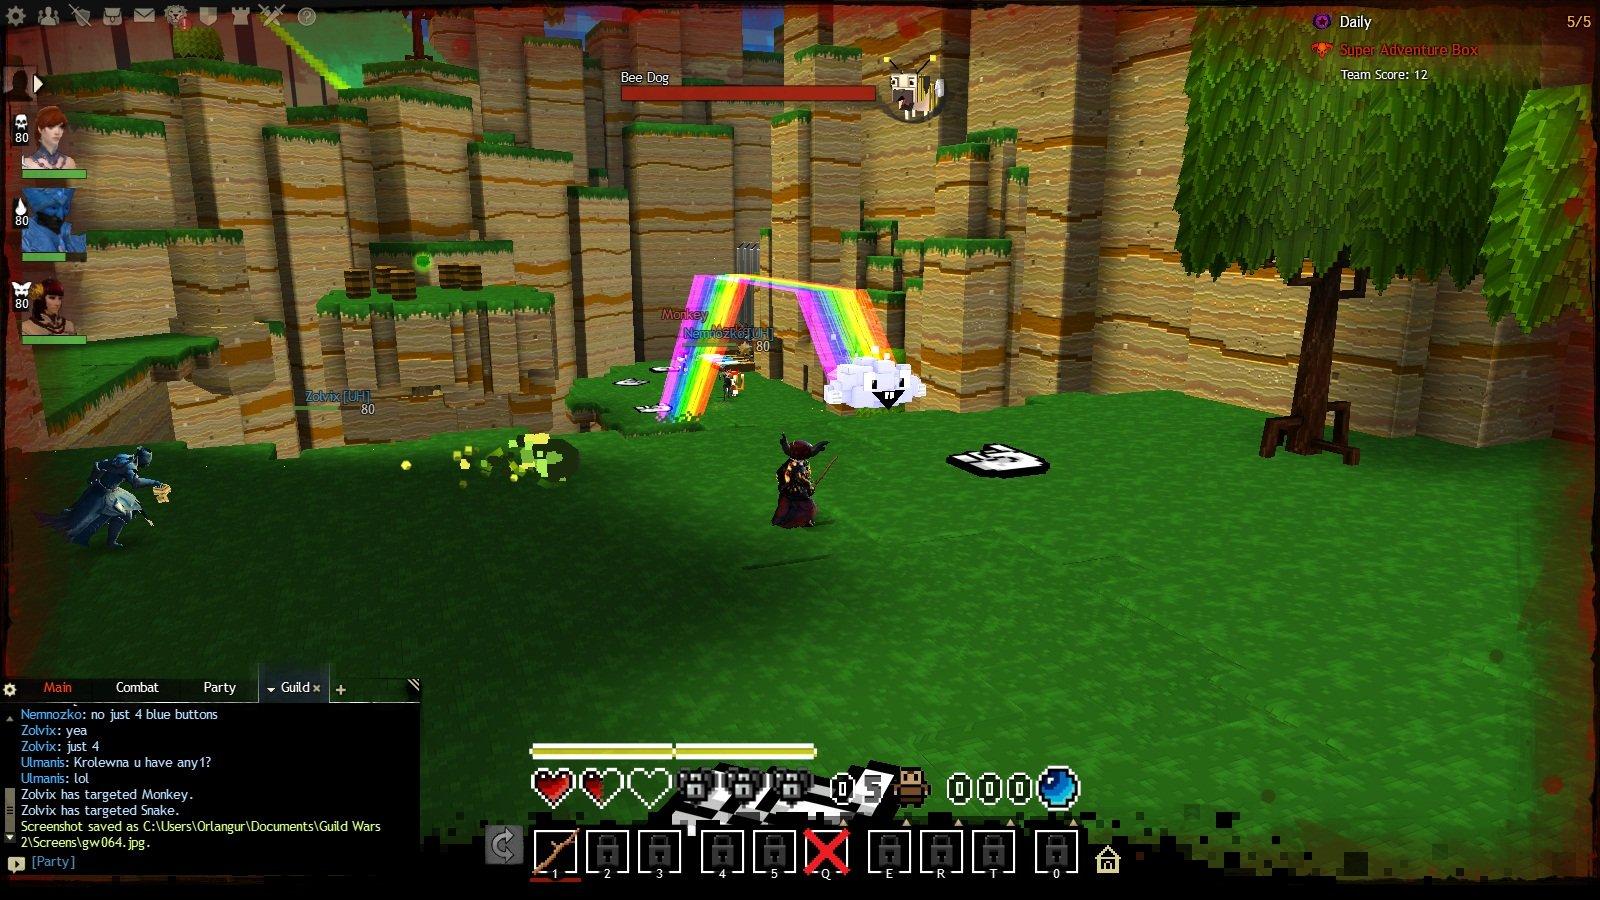 Первое апреля в Guild Wars 2. Там еще восьмибитная музыка играет на фоне <3 - Изображение 2